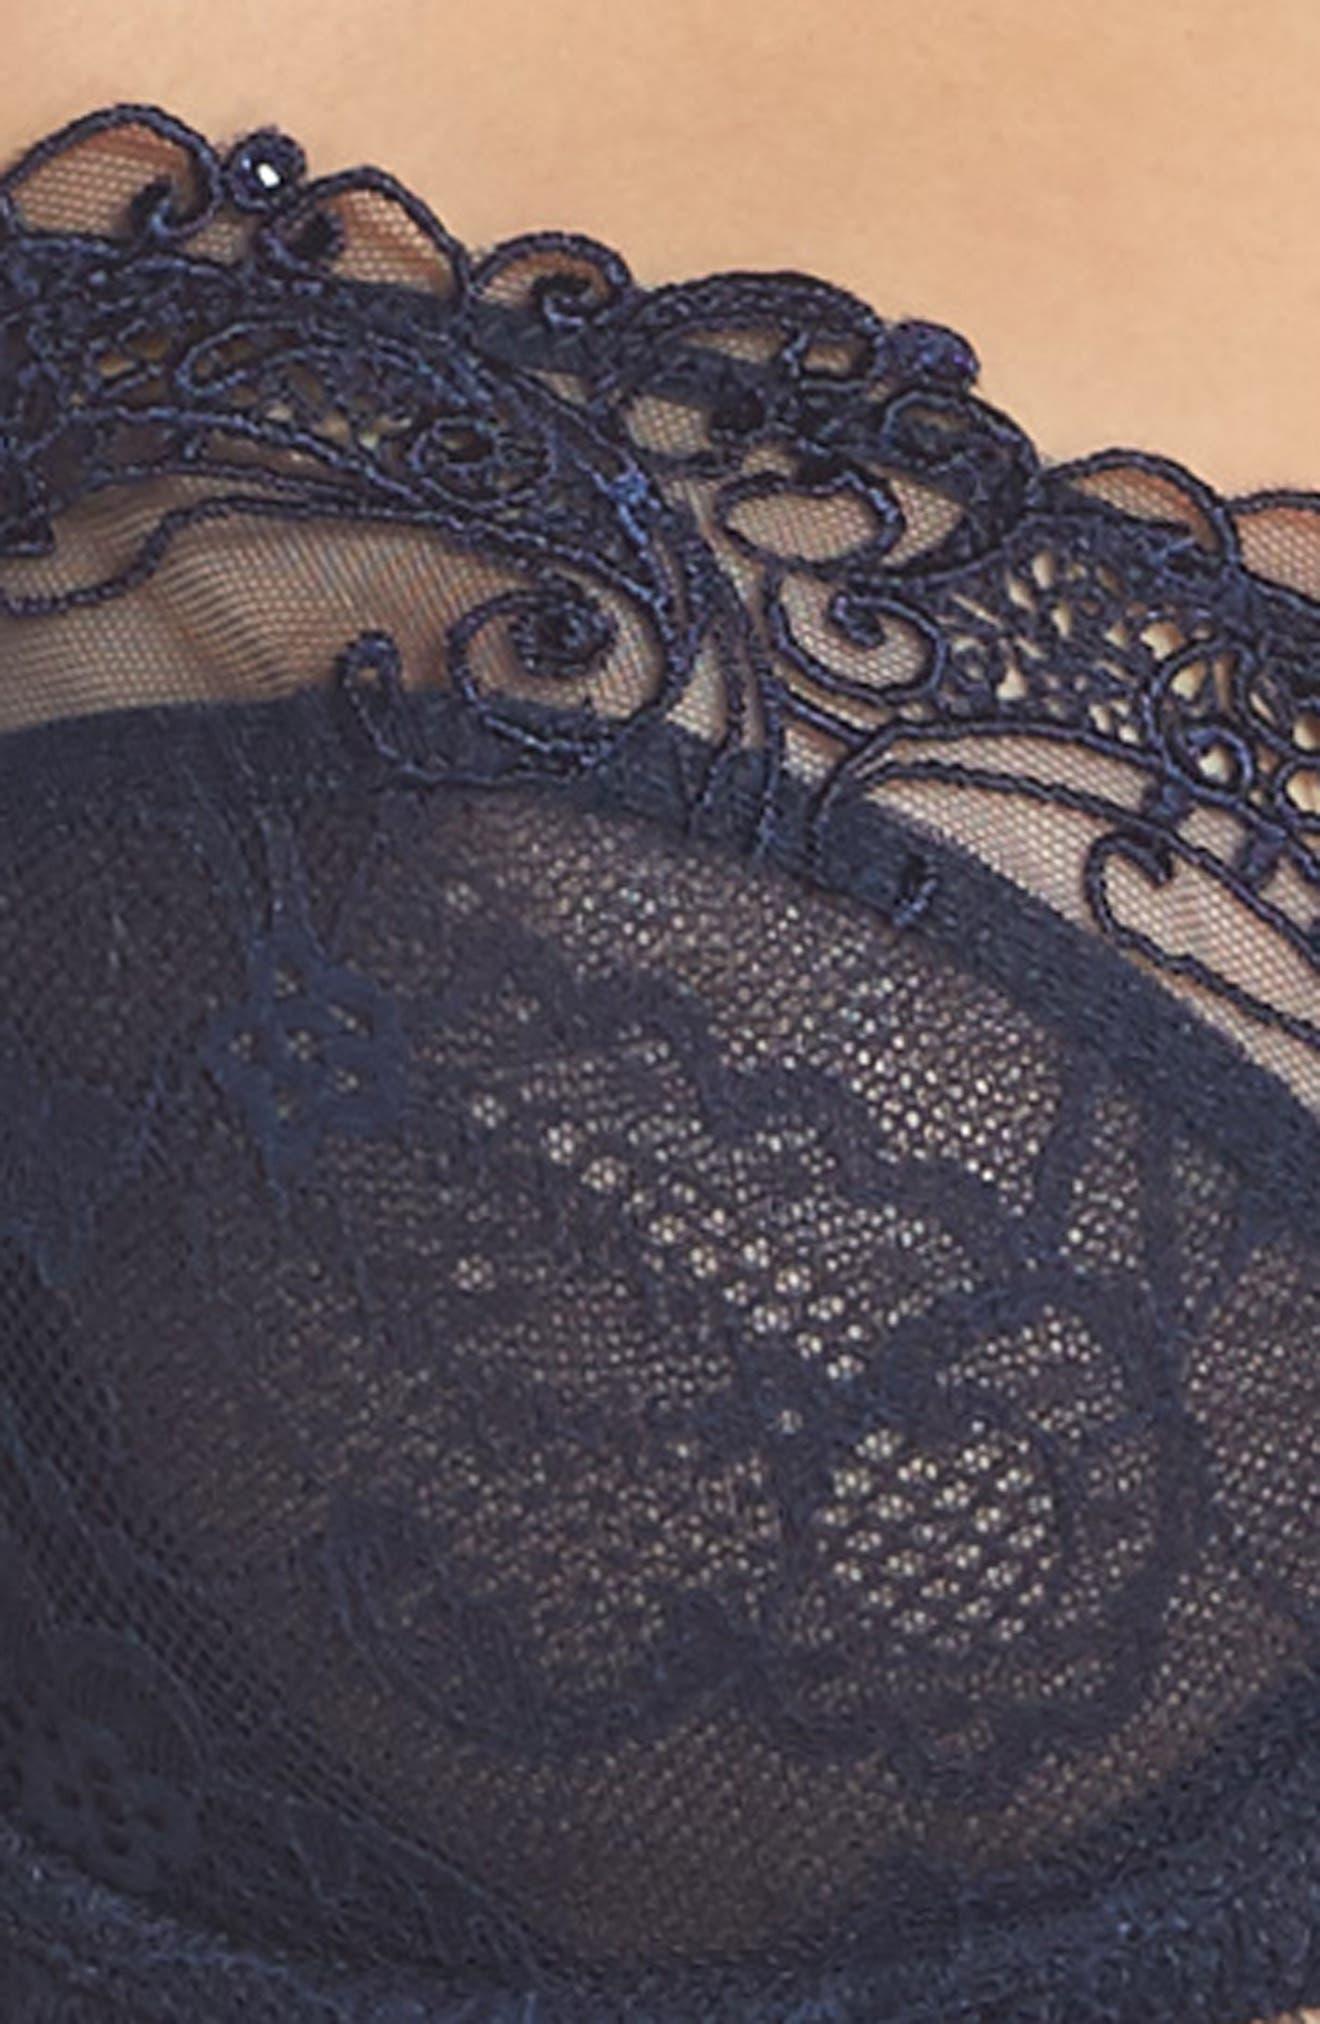 Demi Cup Lace Bra,                             Alternate thumbnail 4, color,                             400